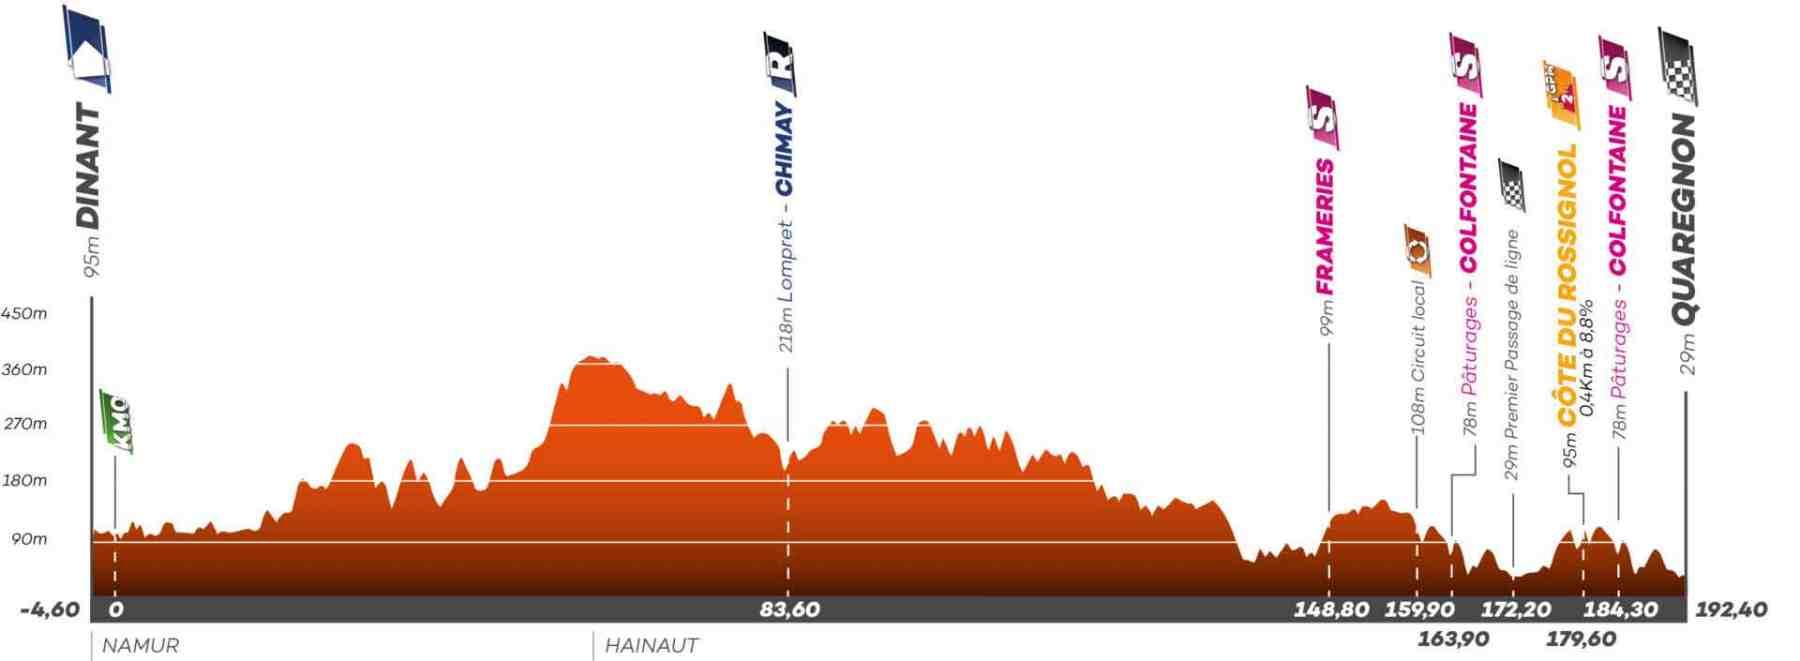 Die Etappen der Tour de Wallonie 2021